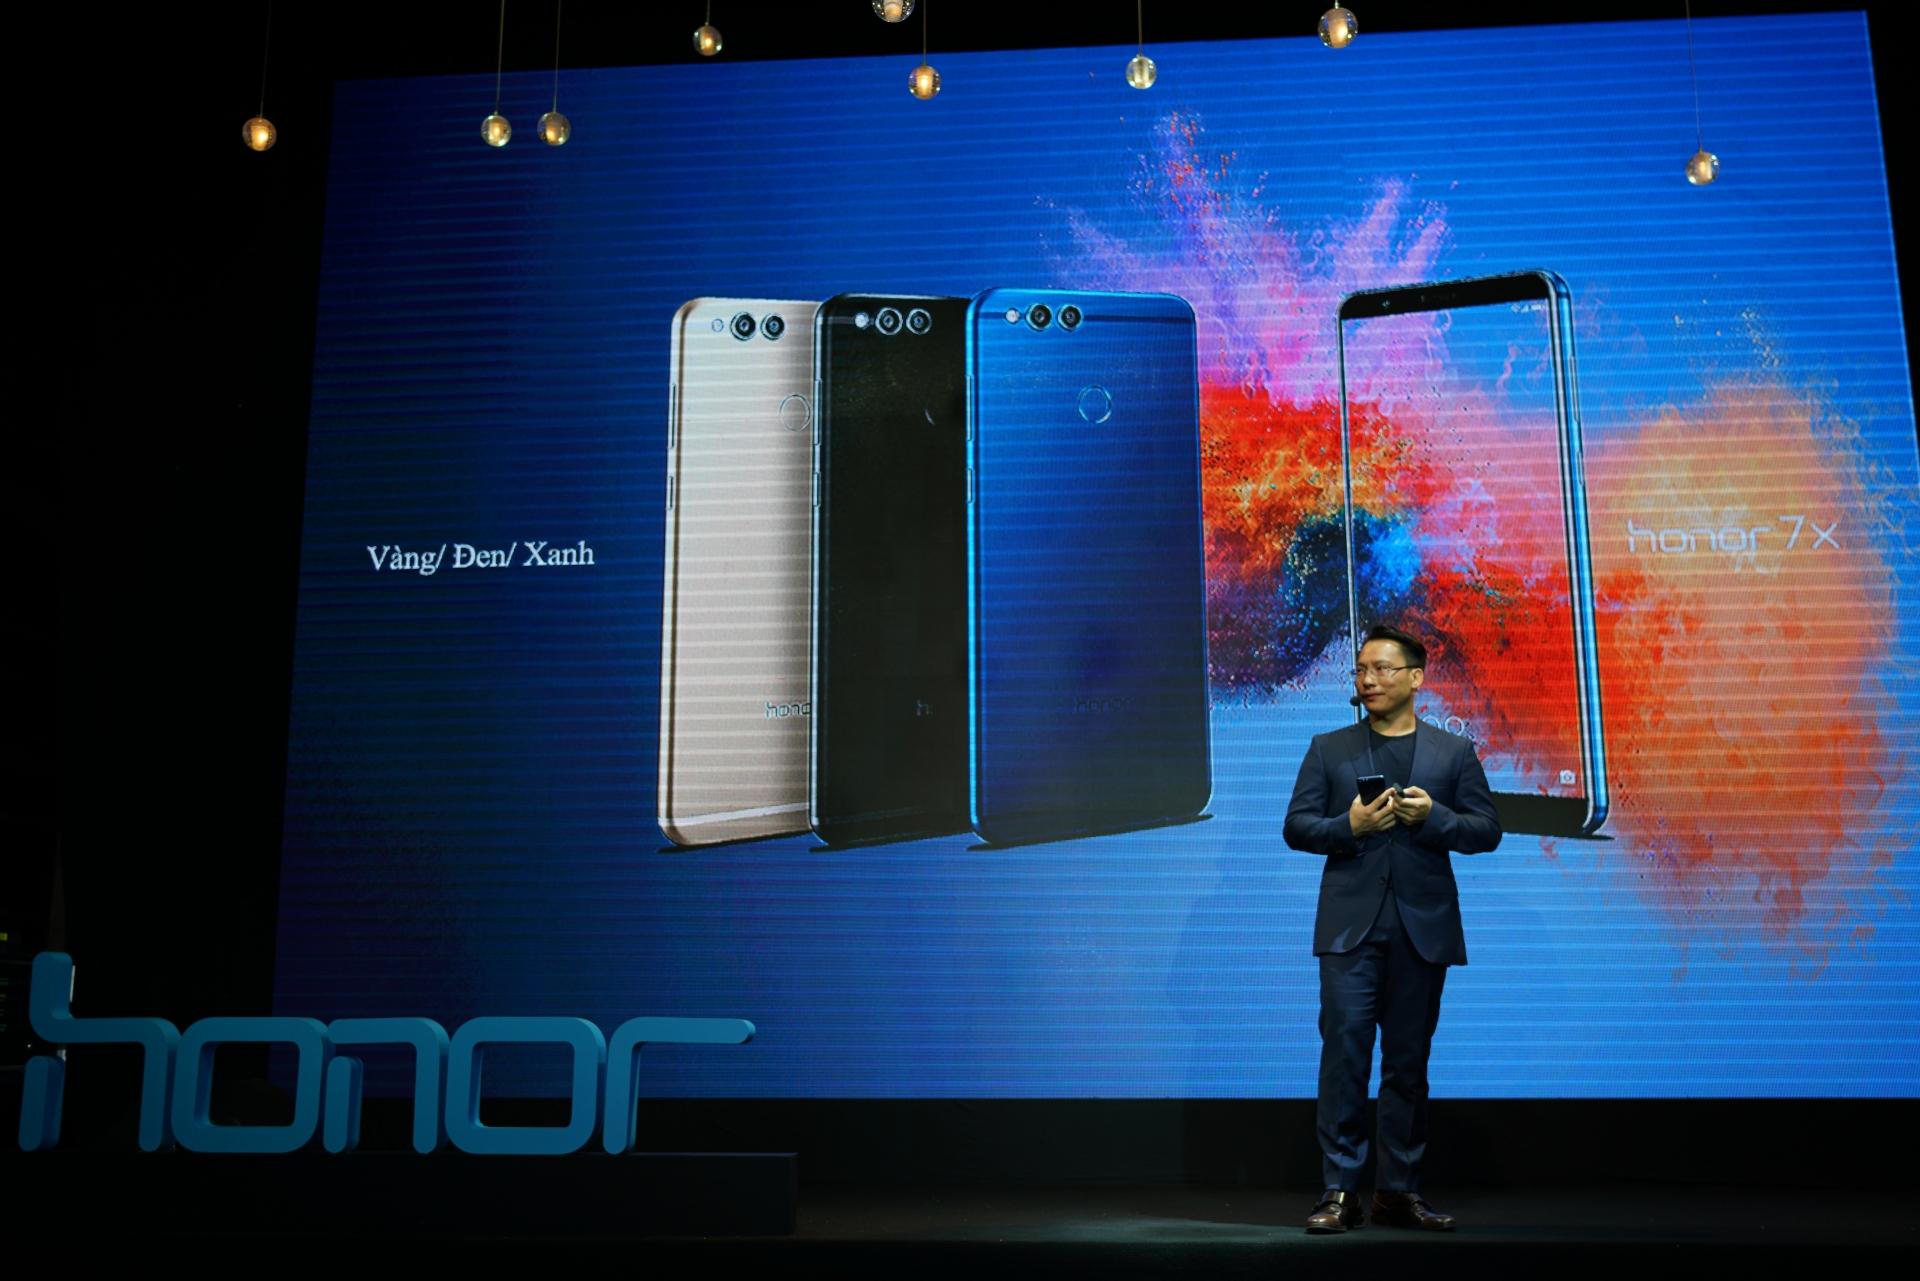 Honor aims to break into Vietnam's top 3 smartphone brands